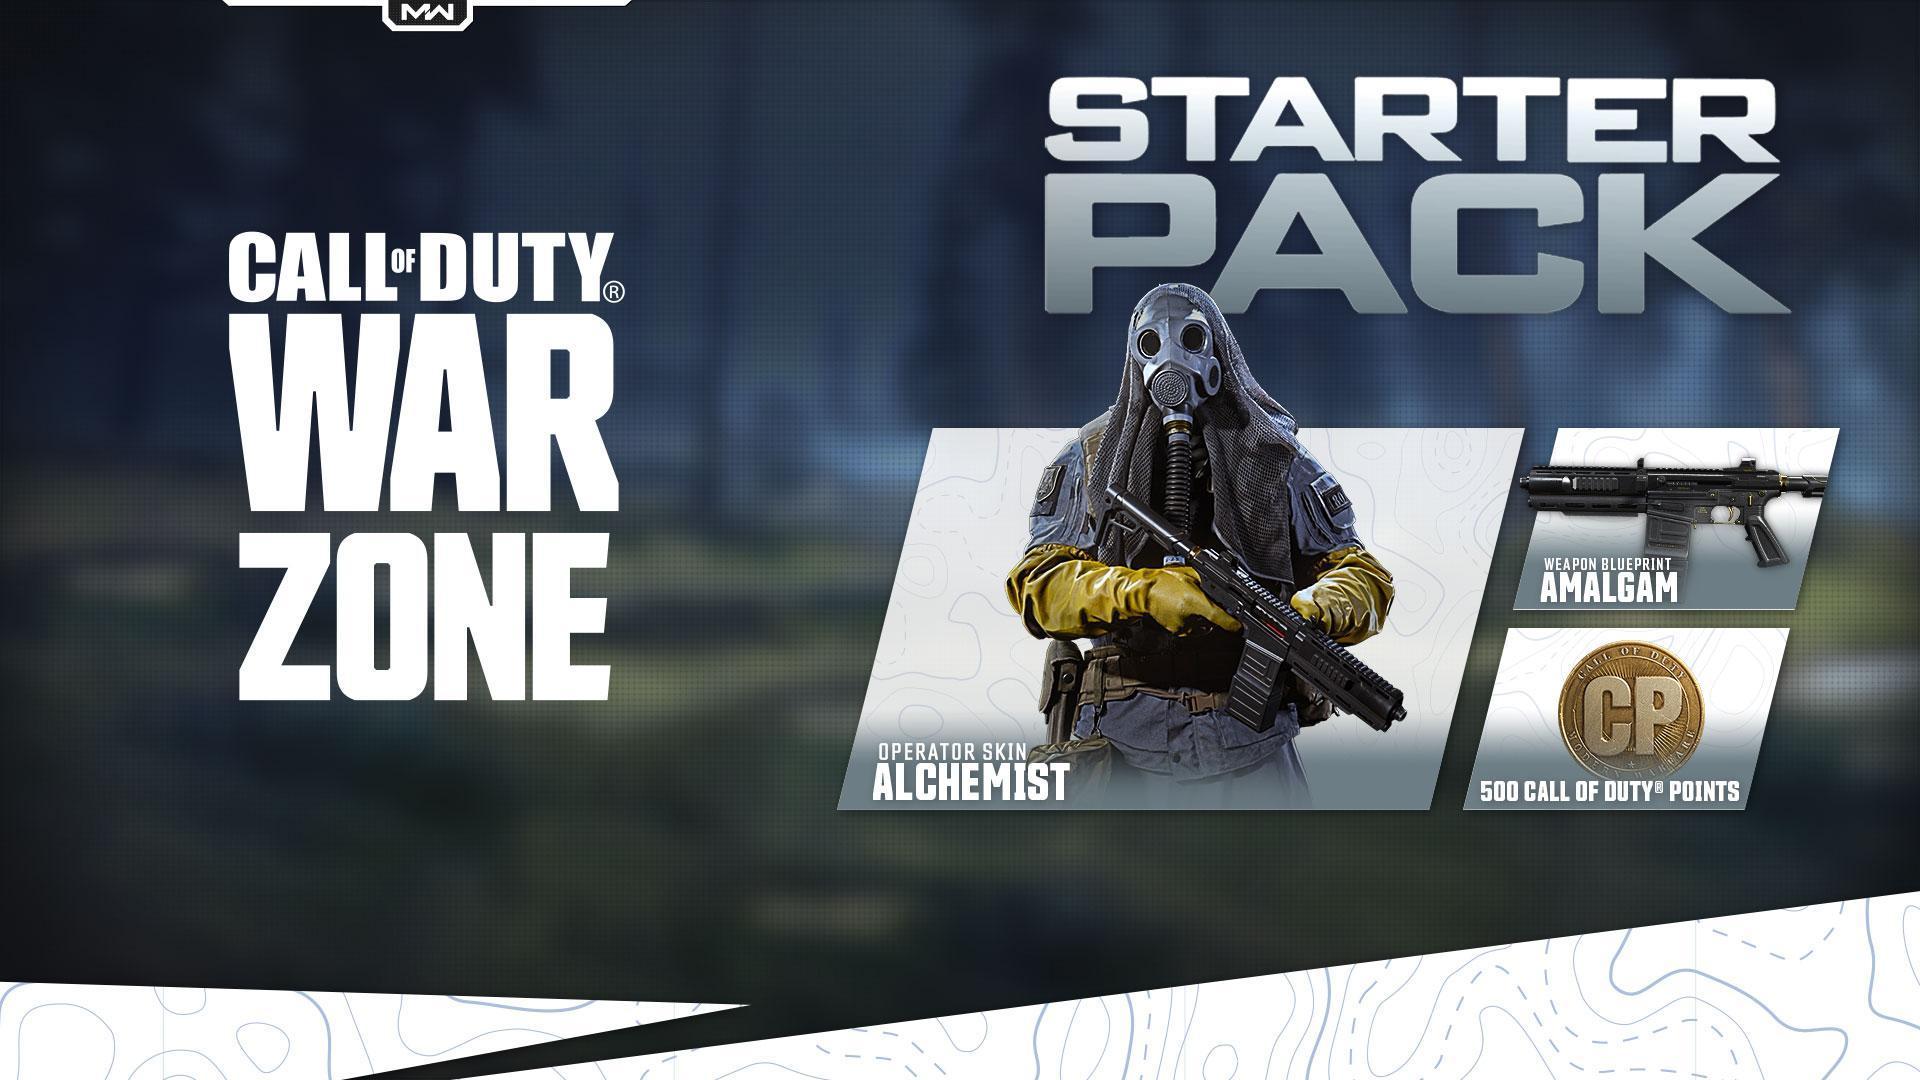 Call of Duty Starter Pack